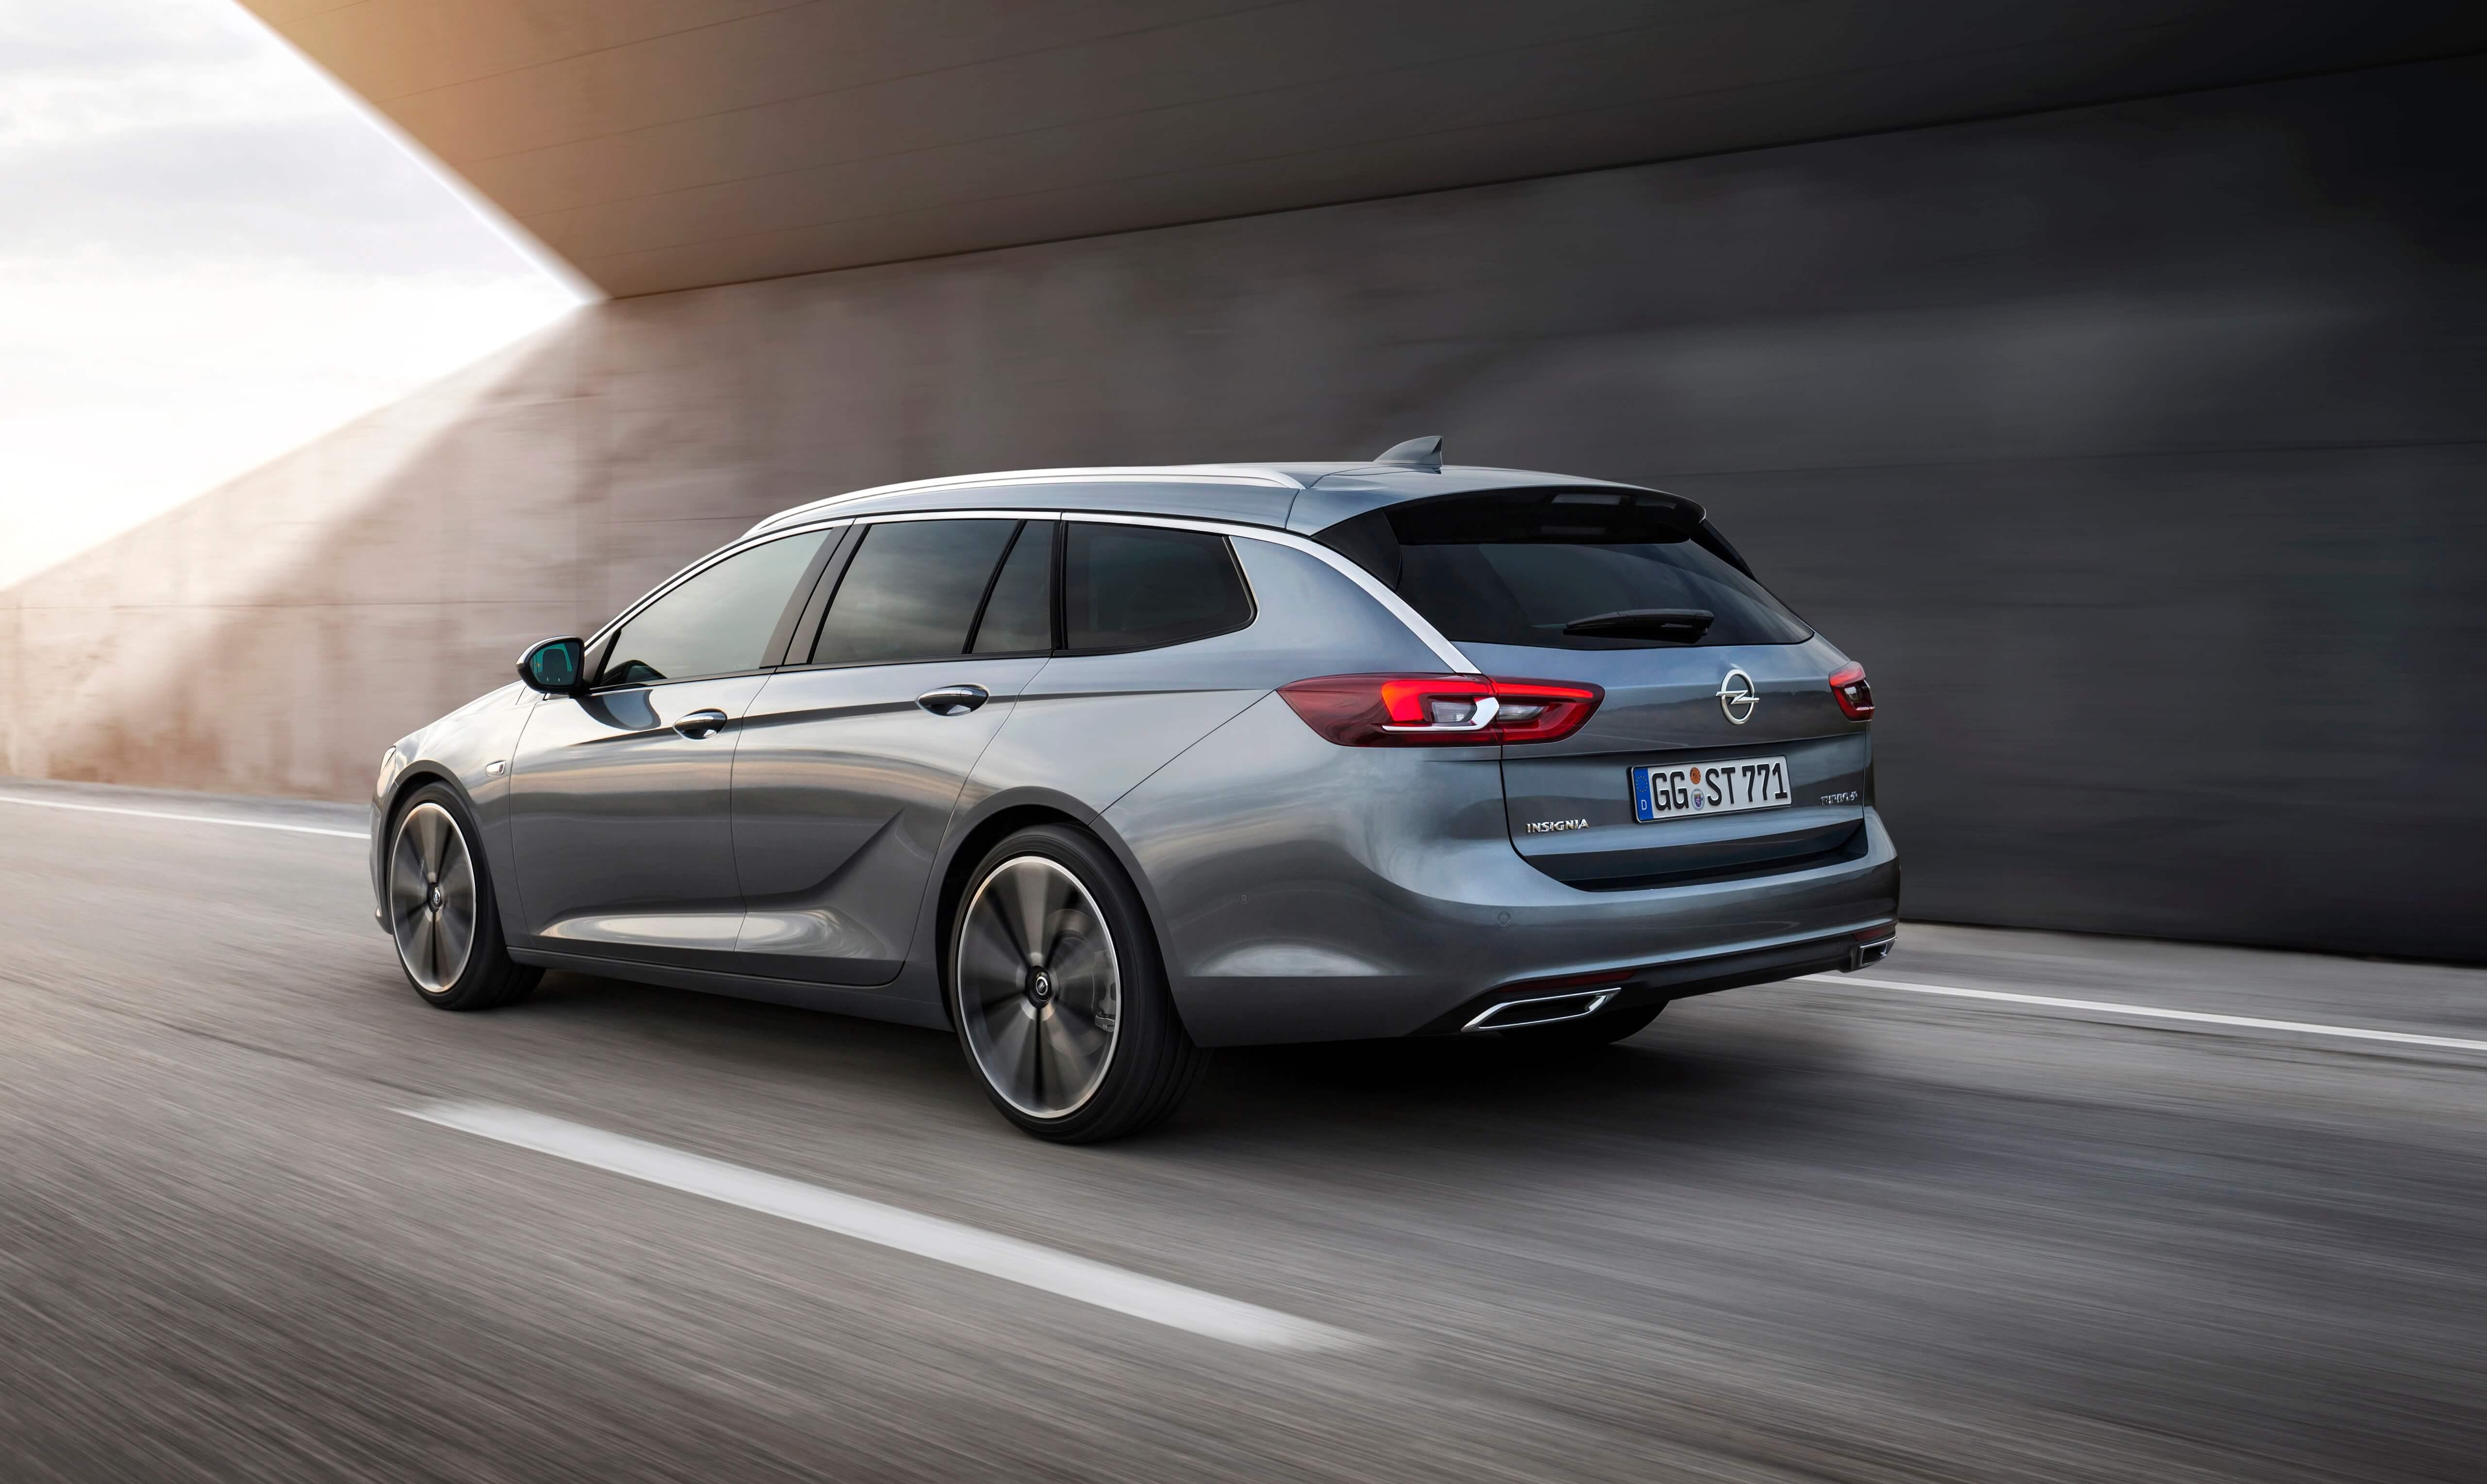 Godt tilbud – Opel Insignia stationcar uden merpris